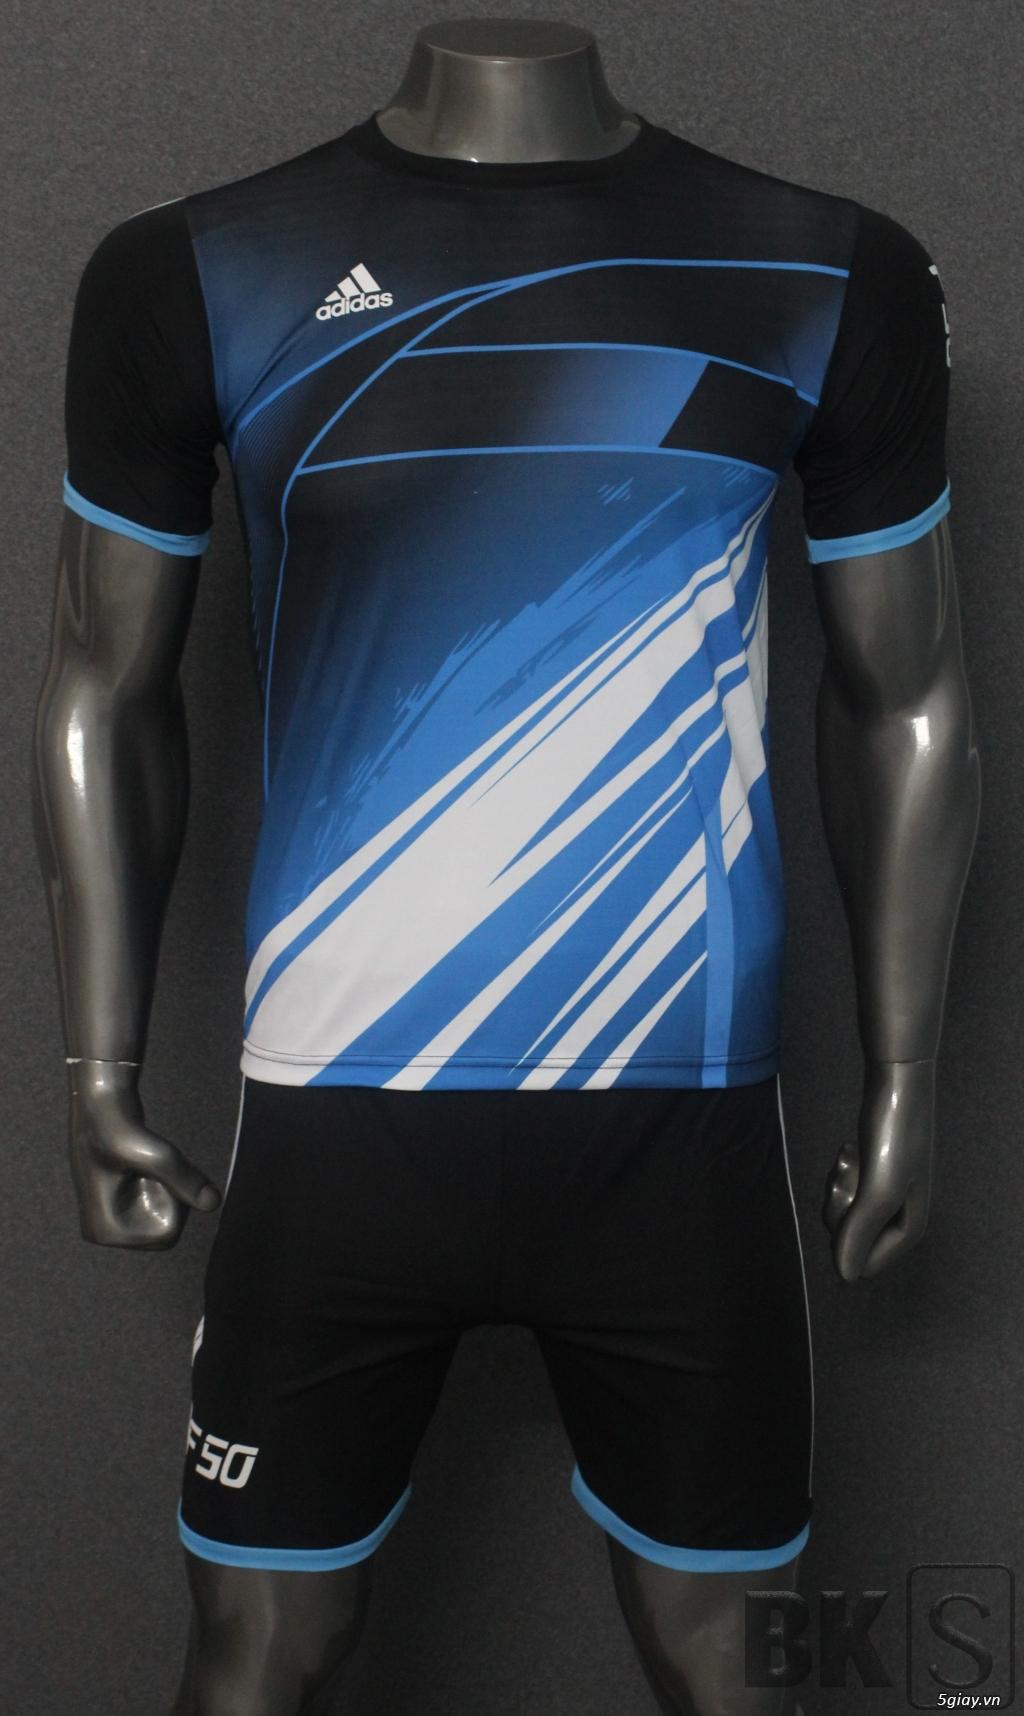 Áo bóng đá HP-địa chỉ gốc sản xuất trang phục thể thao số 1 Việt Nam - 22